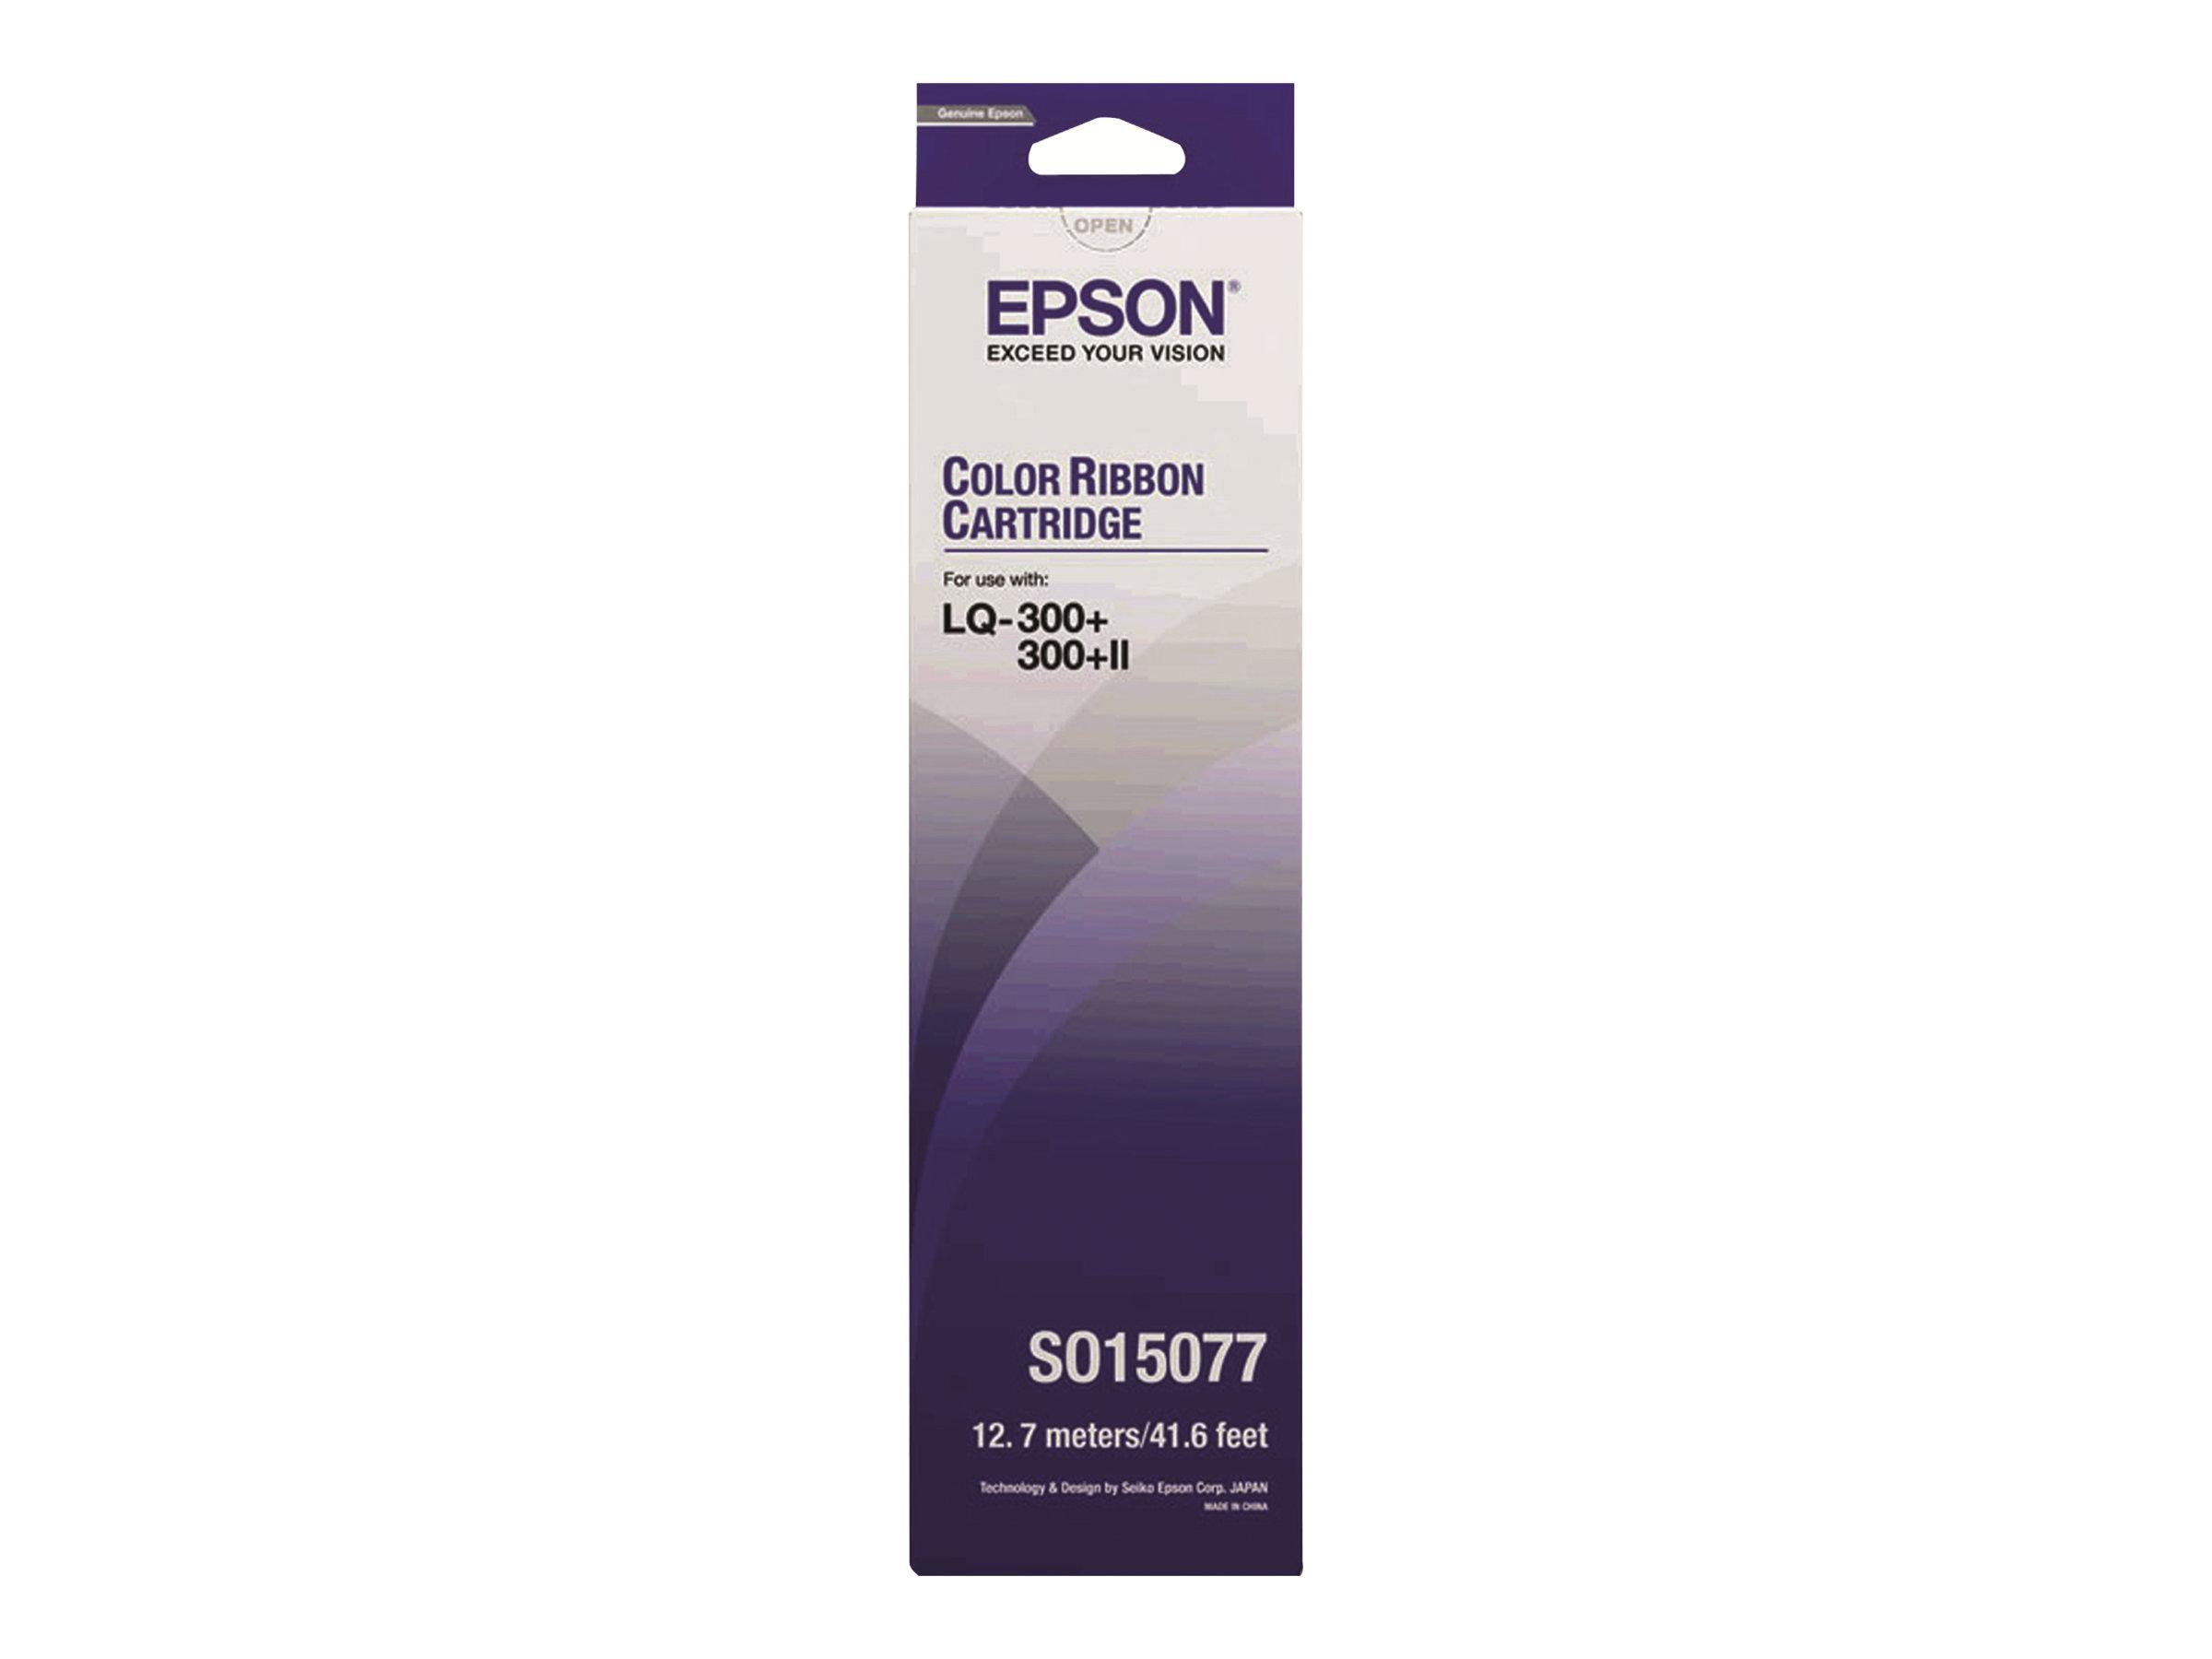 Epson - 1 - Schwarz, Gelb, Cyan, Magenta - Textilband - für LQ 300, 300+, 300+II, 300+II Colour